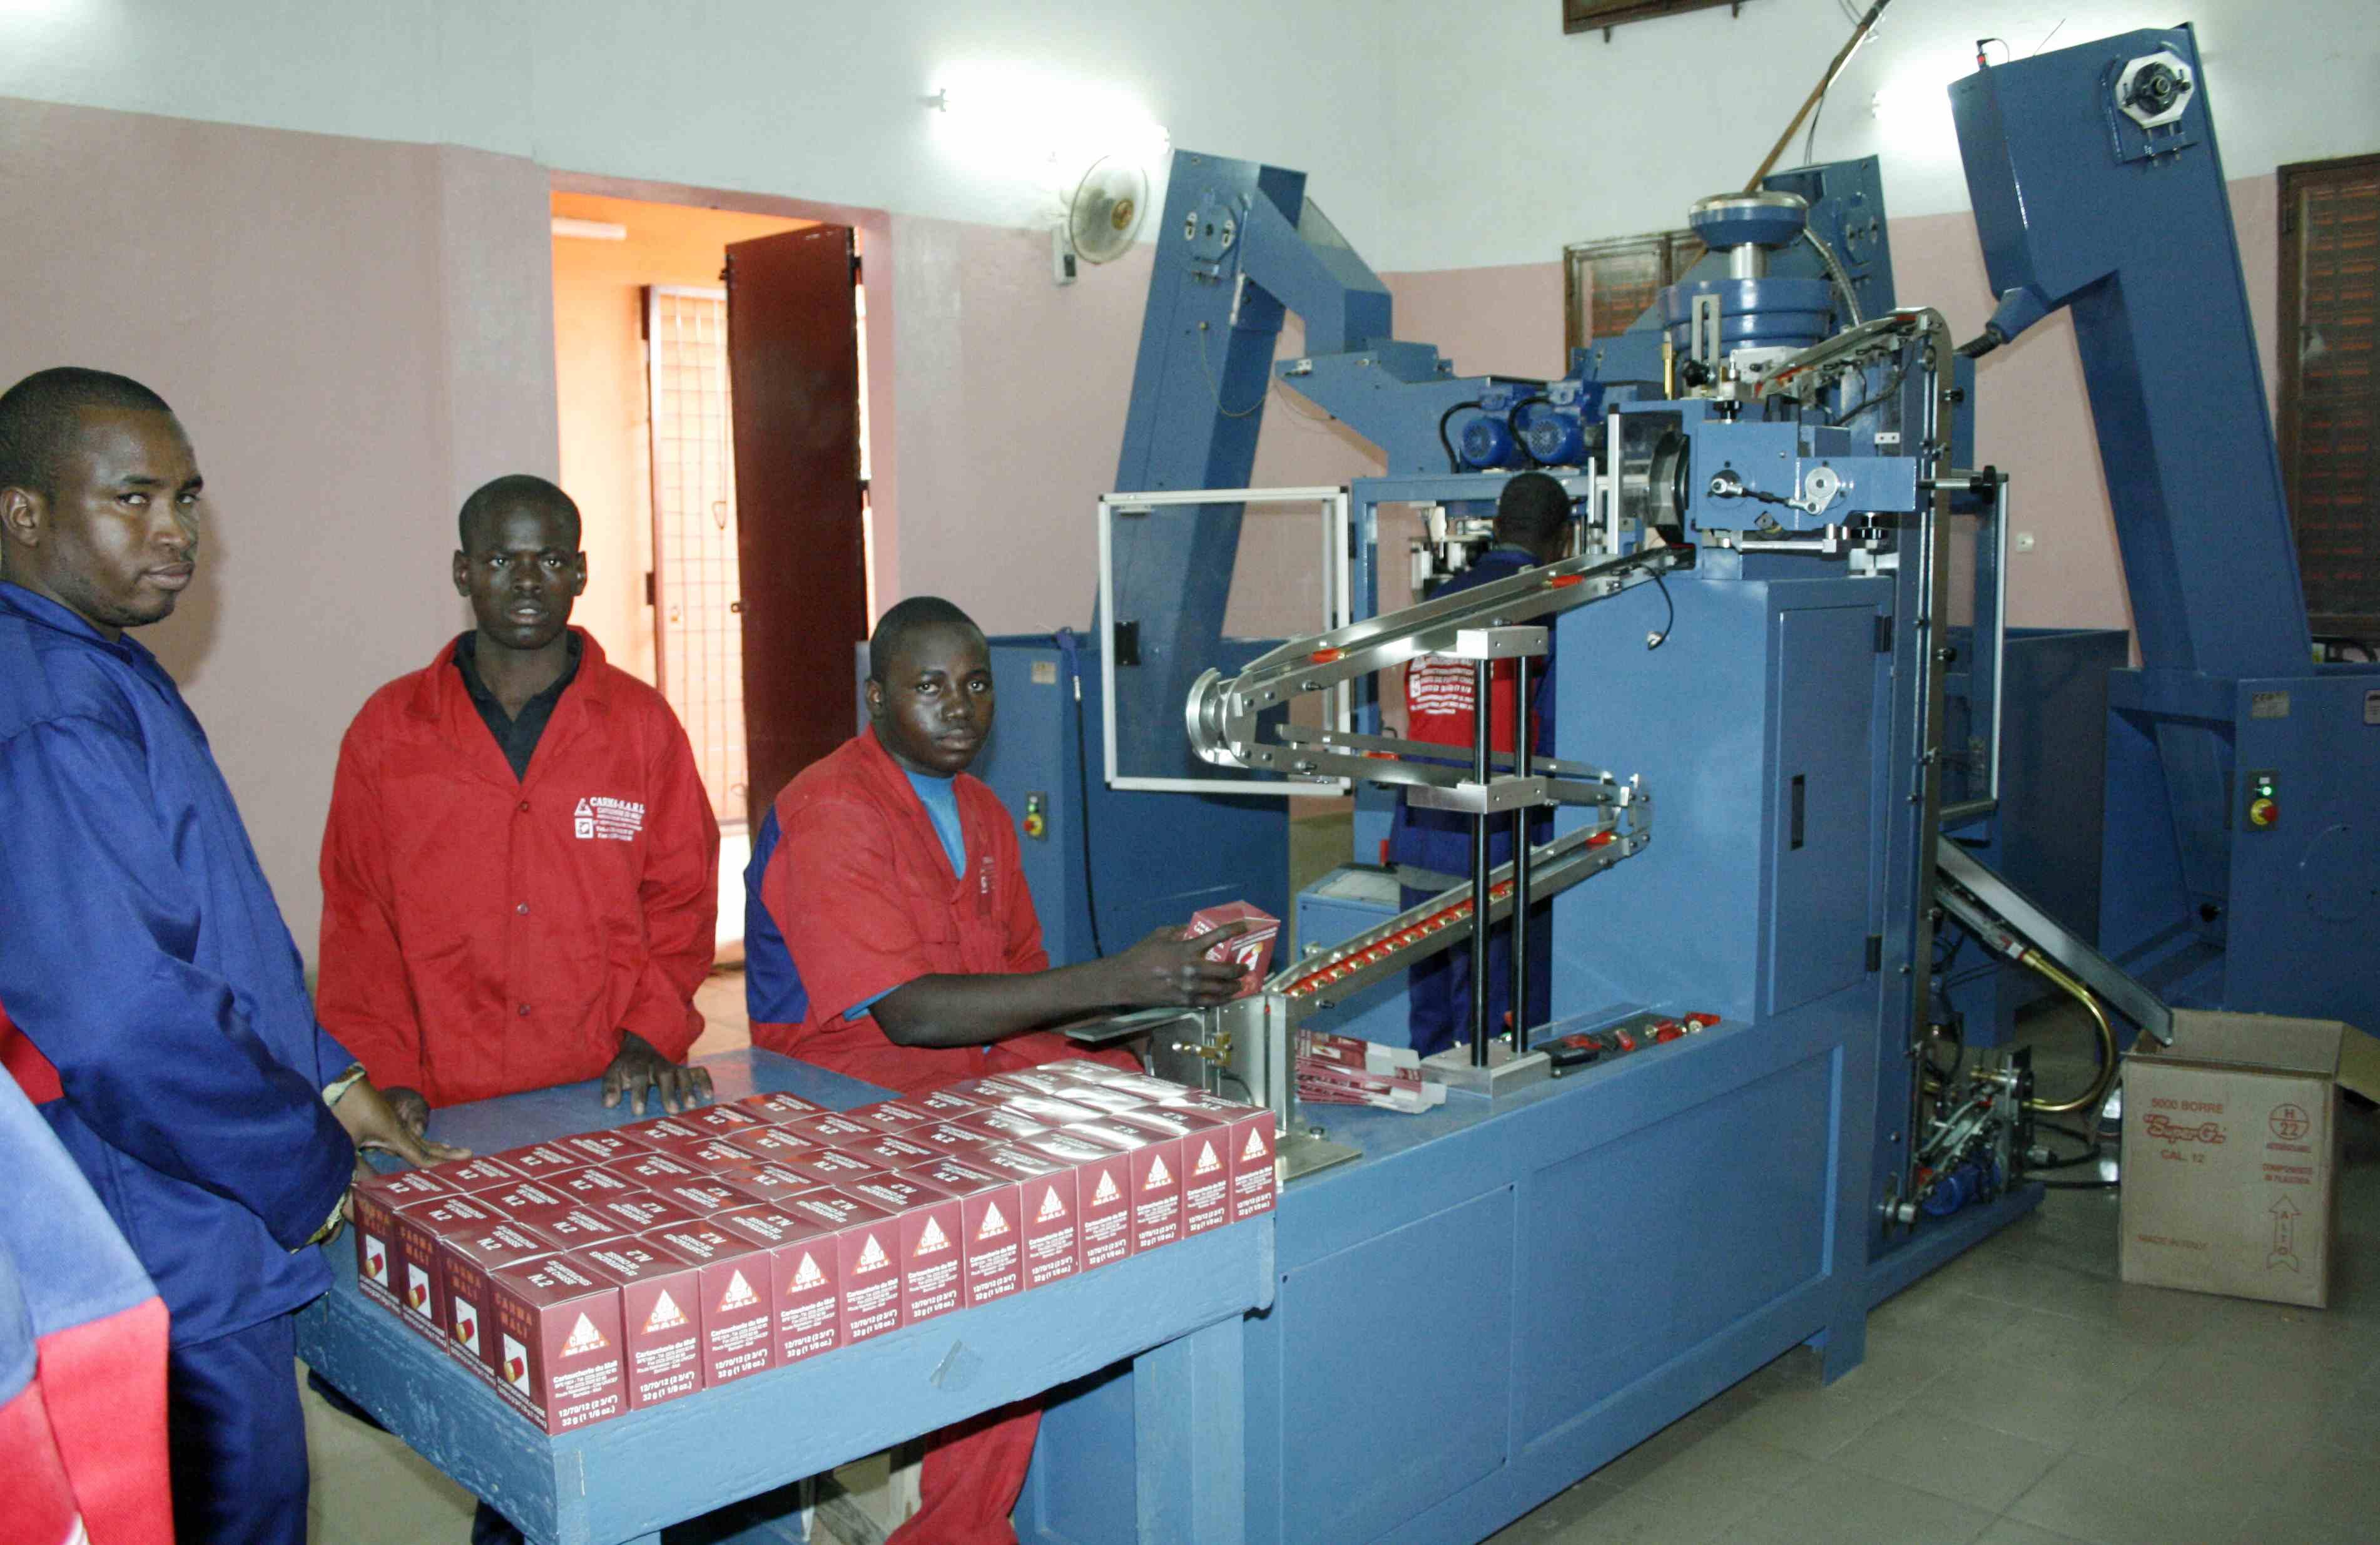 Mali : L'industrie constitue le socle pour une économie solide et résiliente